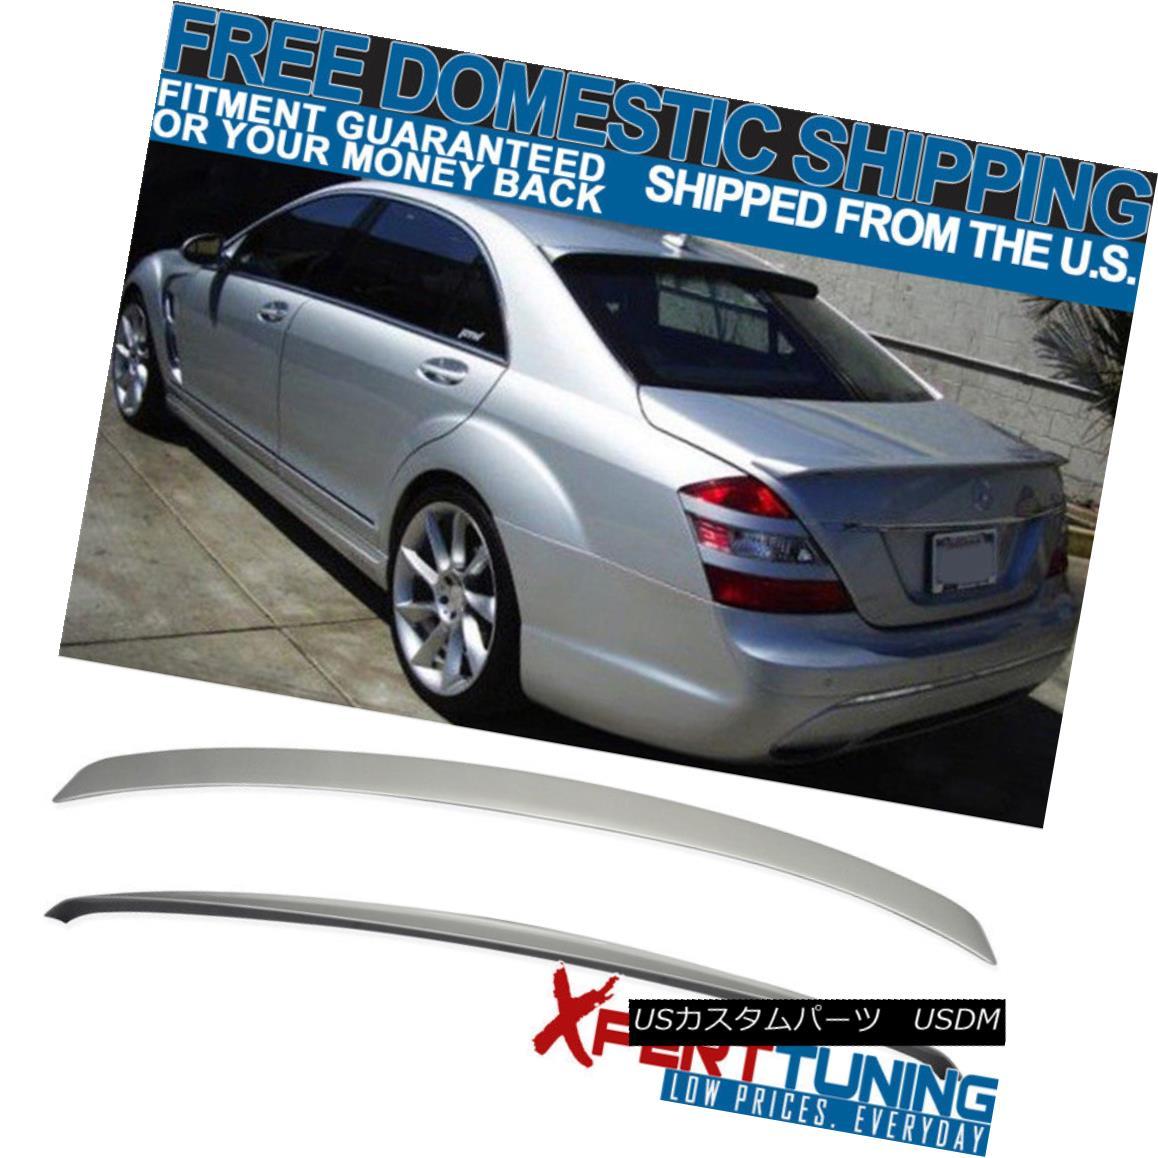 エアロパーツ W221 4Dr AMG Trunk + L Type Roof Spoiler Painted # 775 Iridium Silver Metallic W221 4Dr AMGトランク+ Lタイプルーフスポイラー#775イリジウムシルバーメタリック塗装